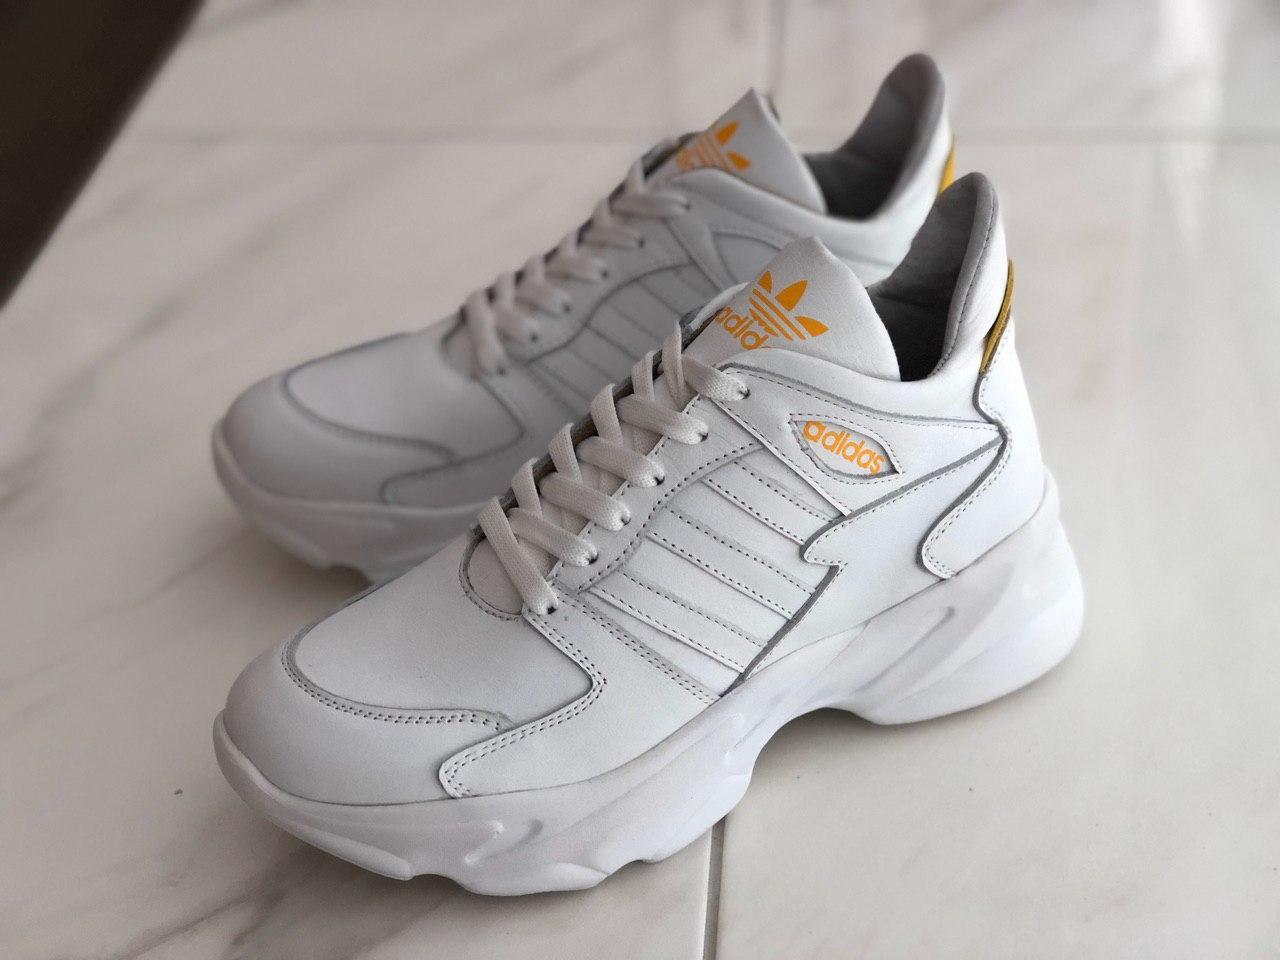 Шкіряні кросівки жіночі Adidas ADS бел розміри 36,37,38,39,40,41